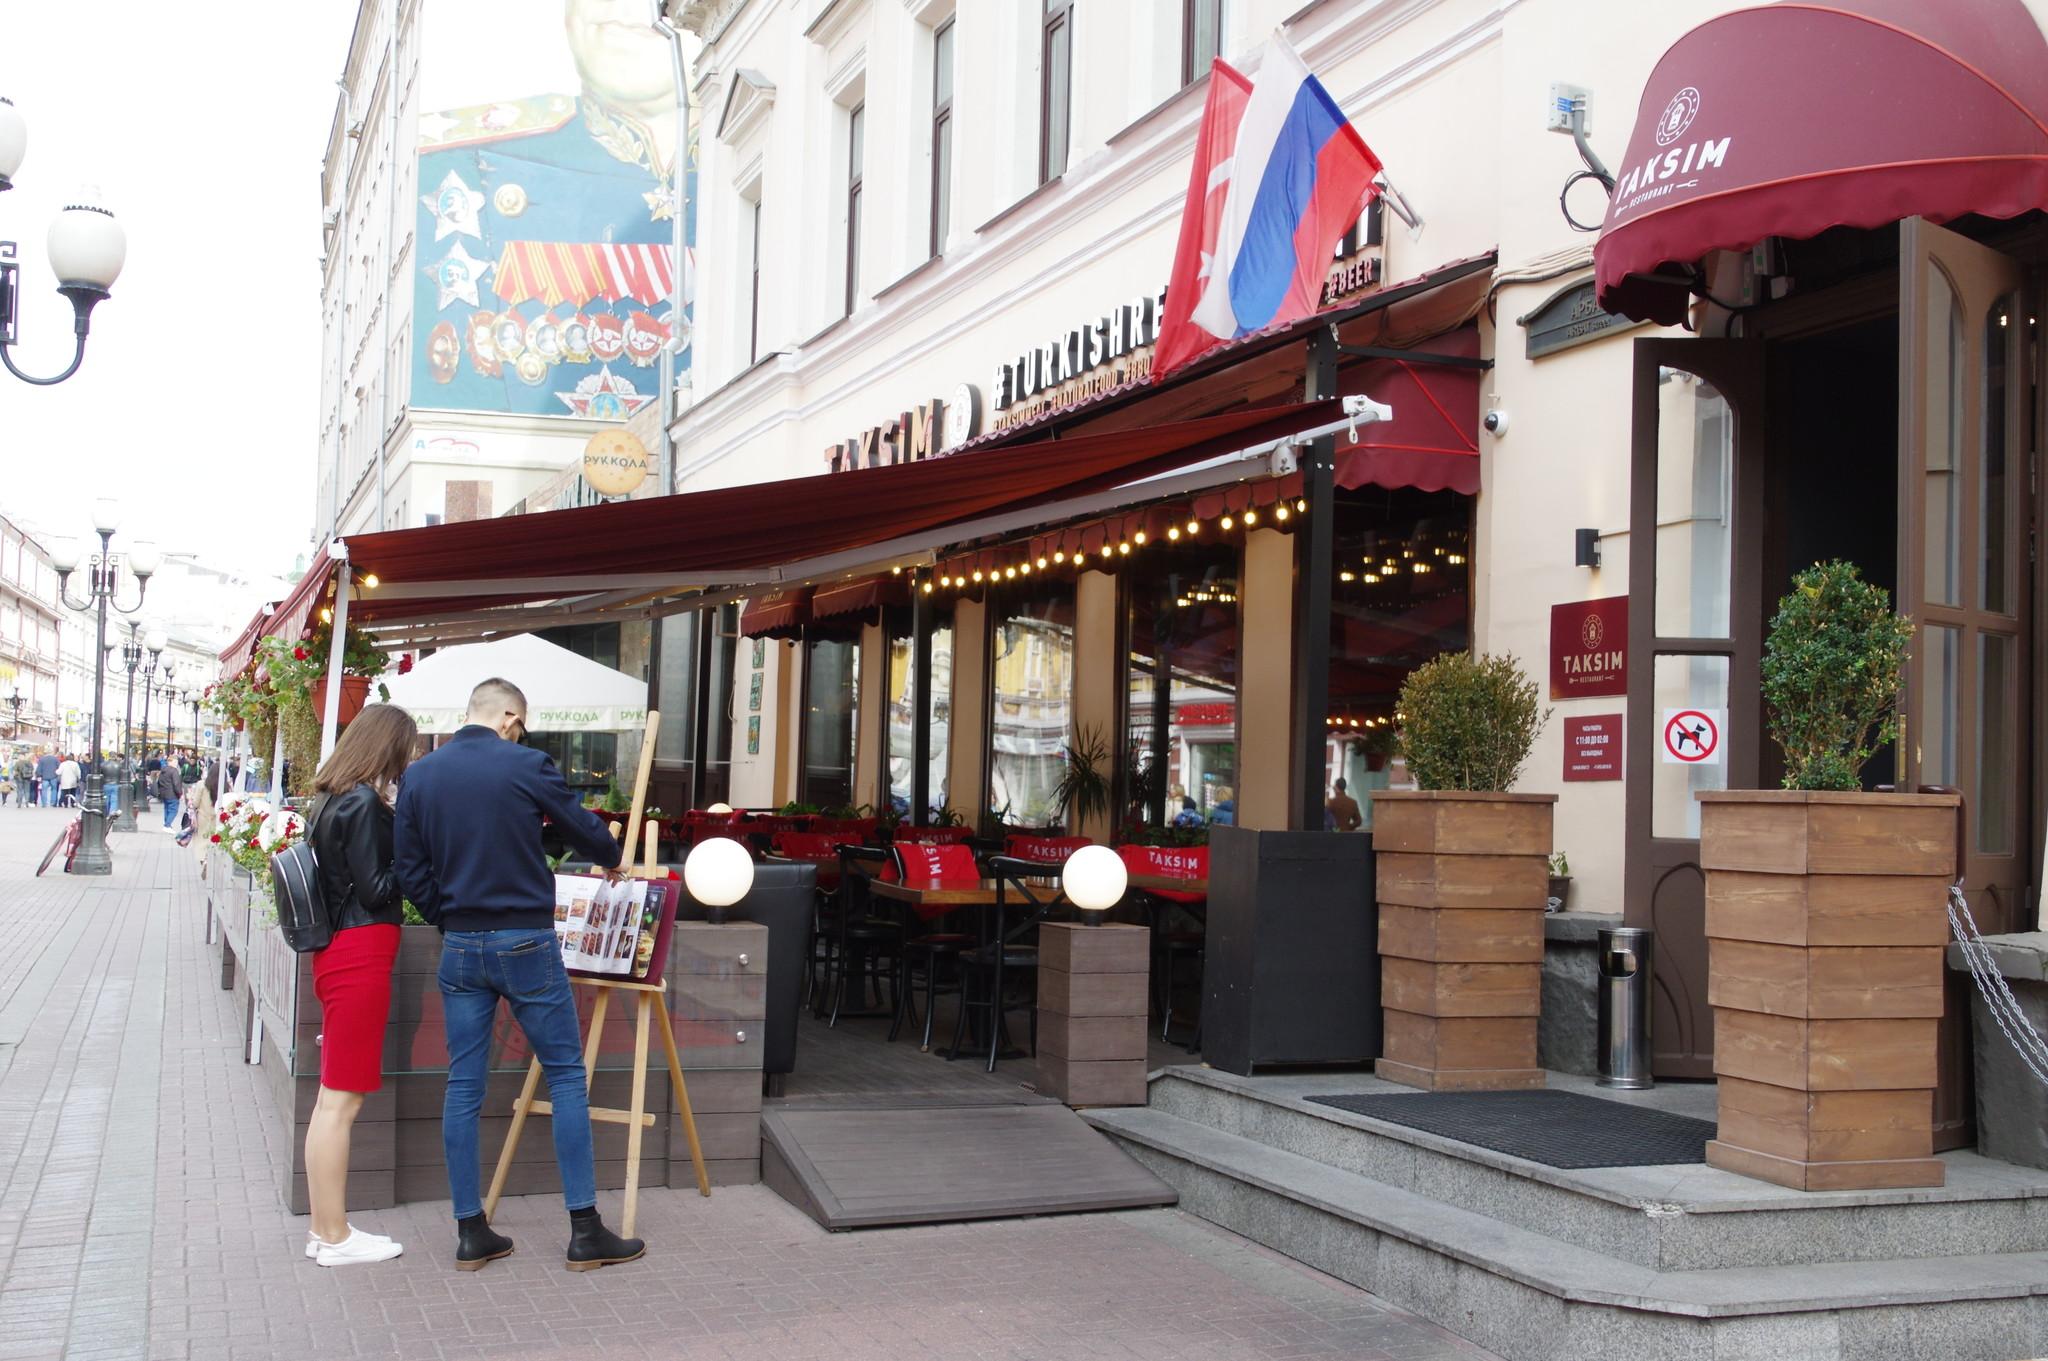 Ресторан «Taksim» (улица Арбат, дом 21, строение 1)